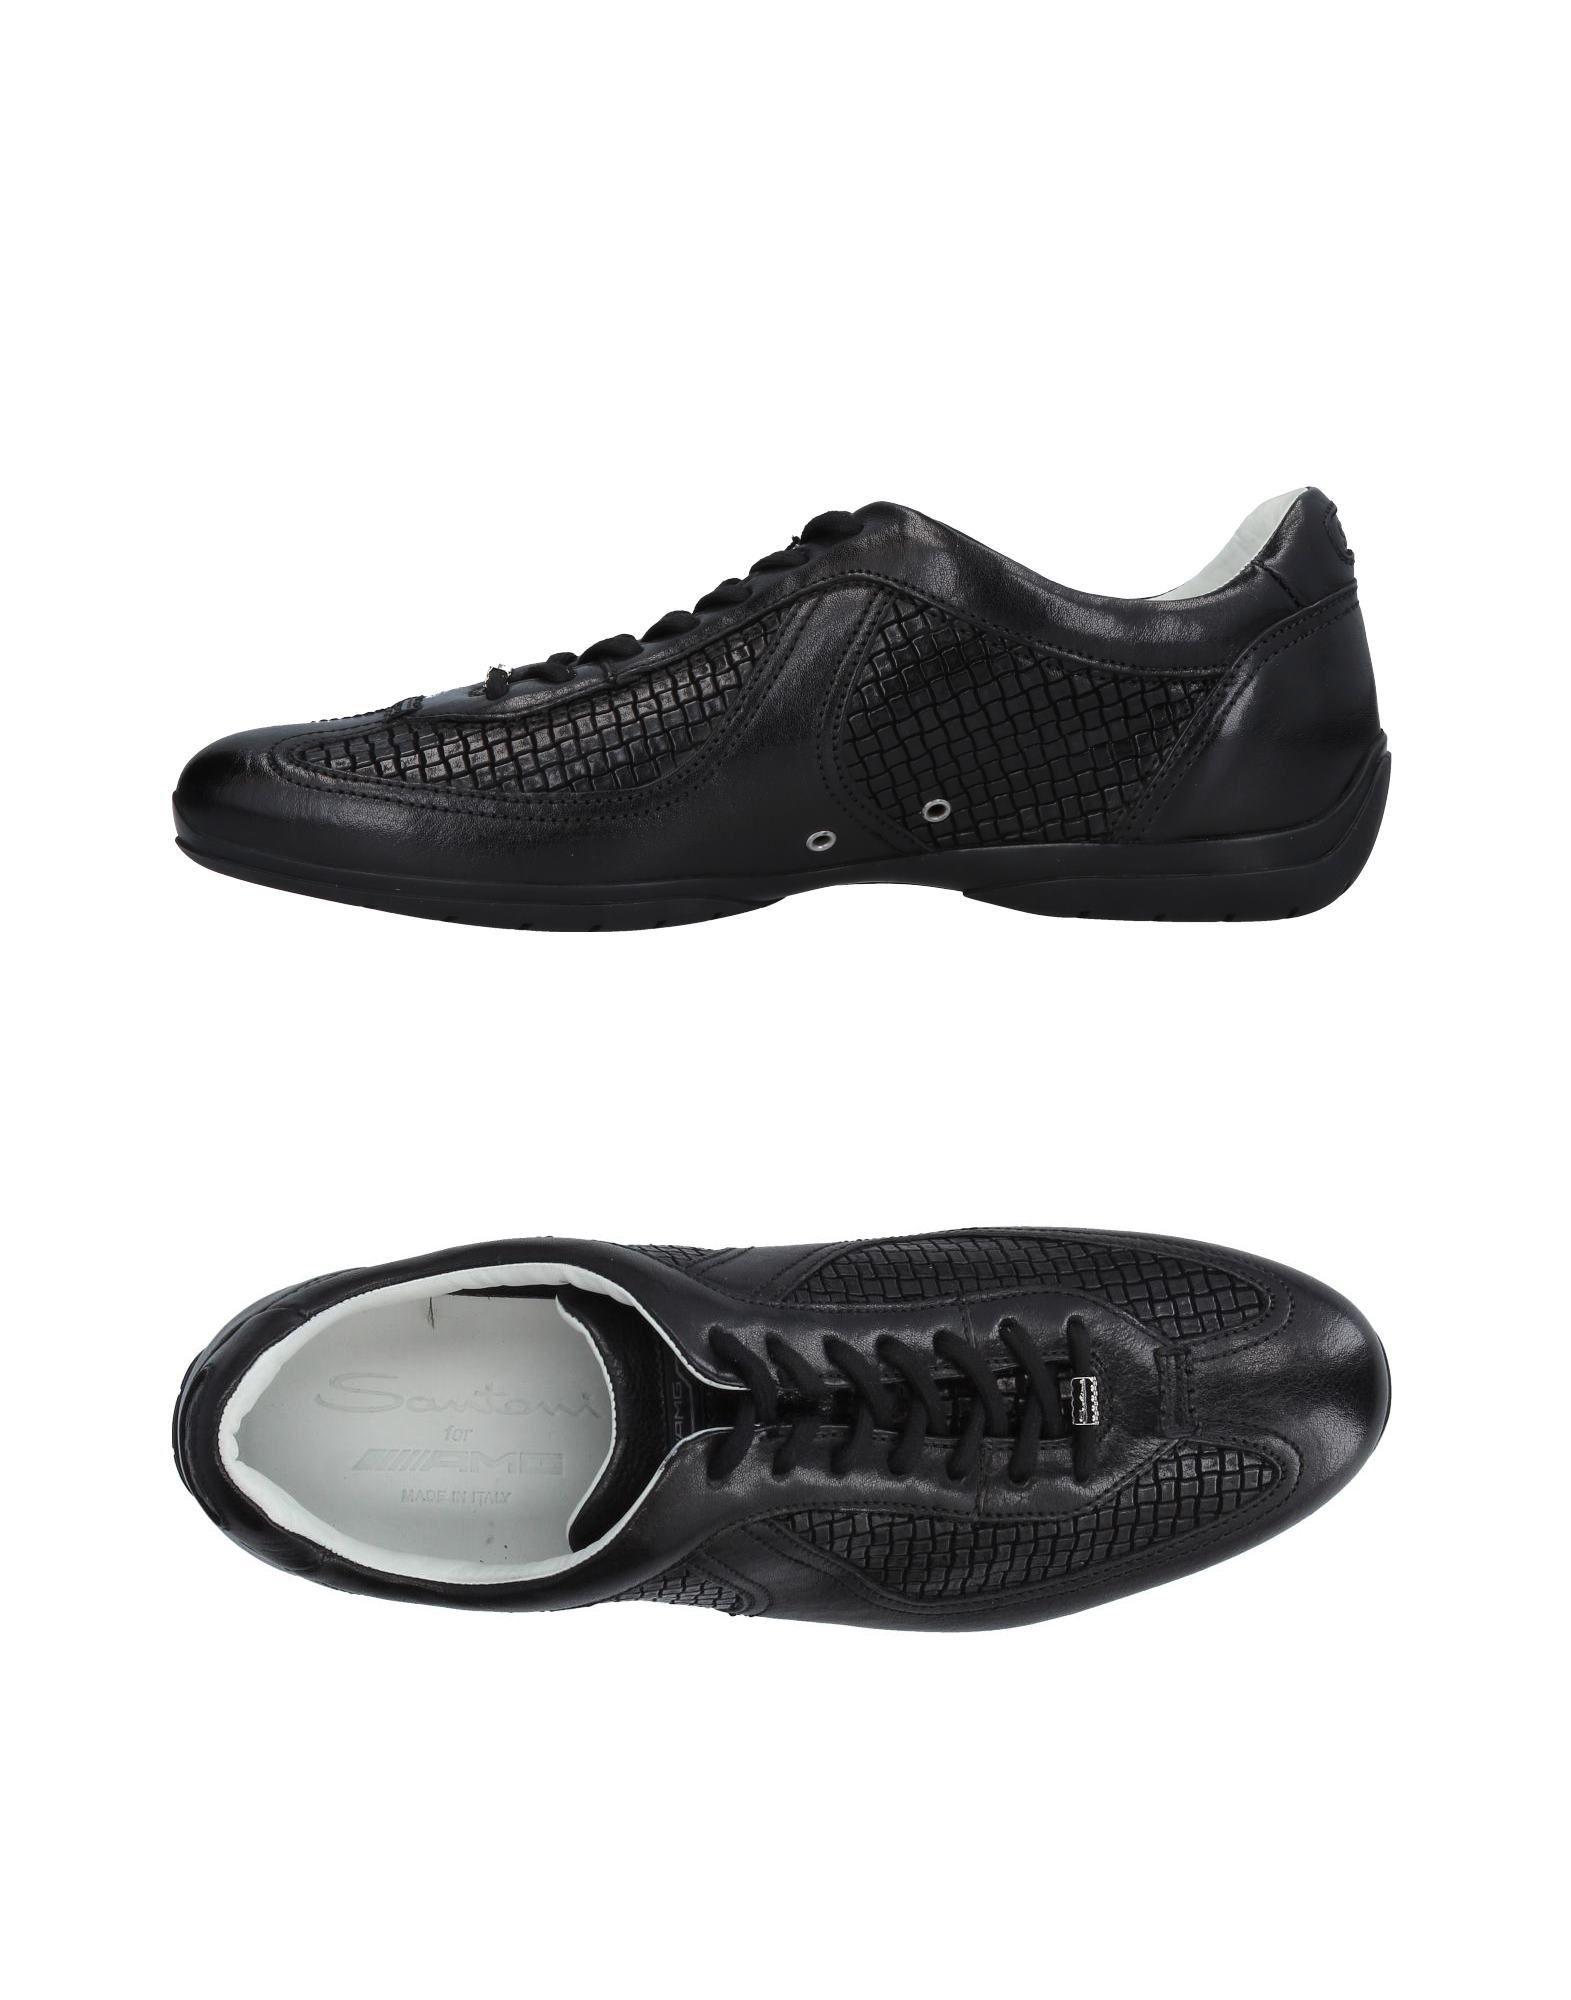 Santoni Sneakers Herren  11410624BK Gute Qualität beliebte Schuhe